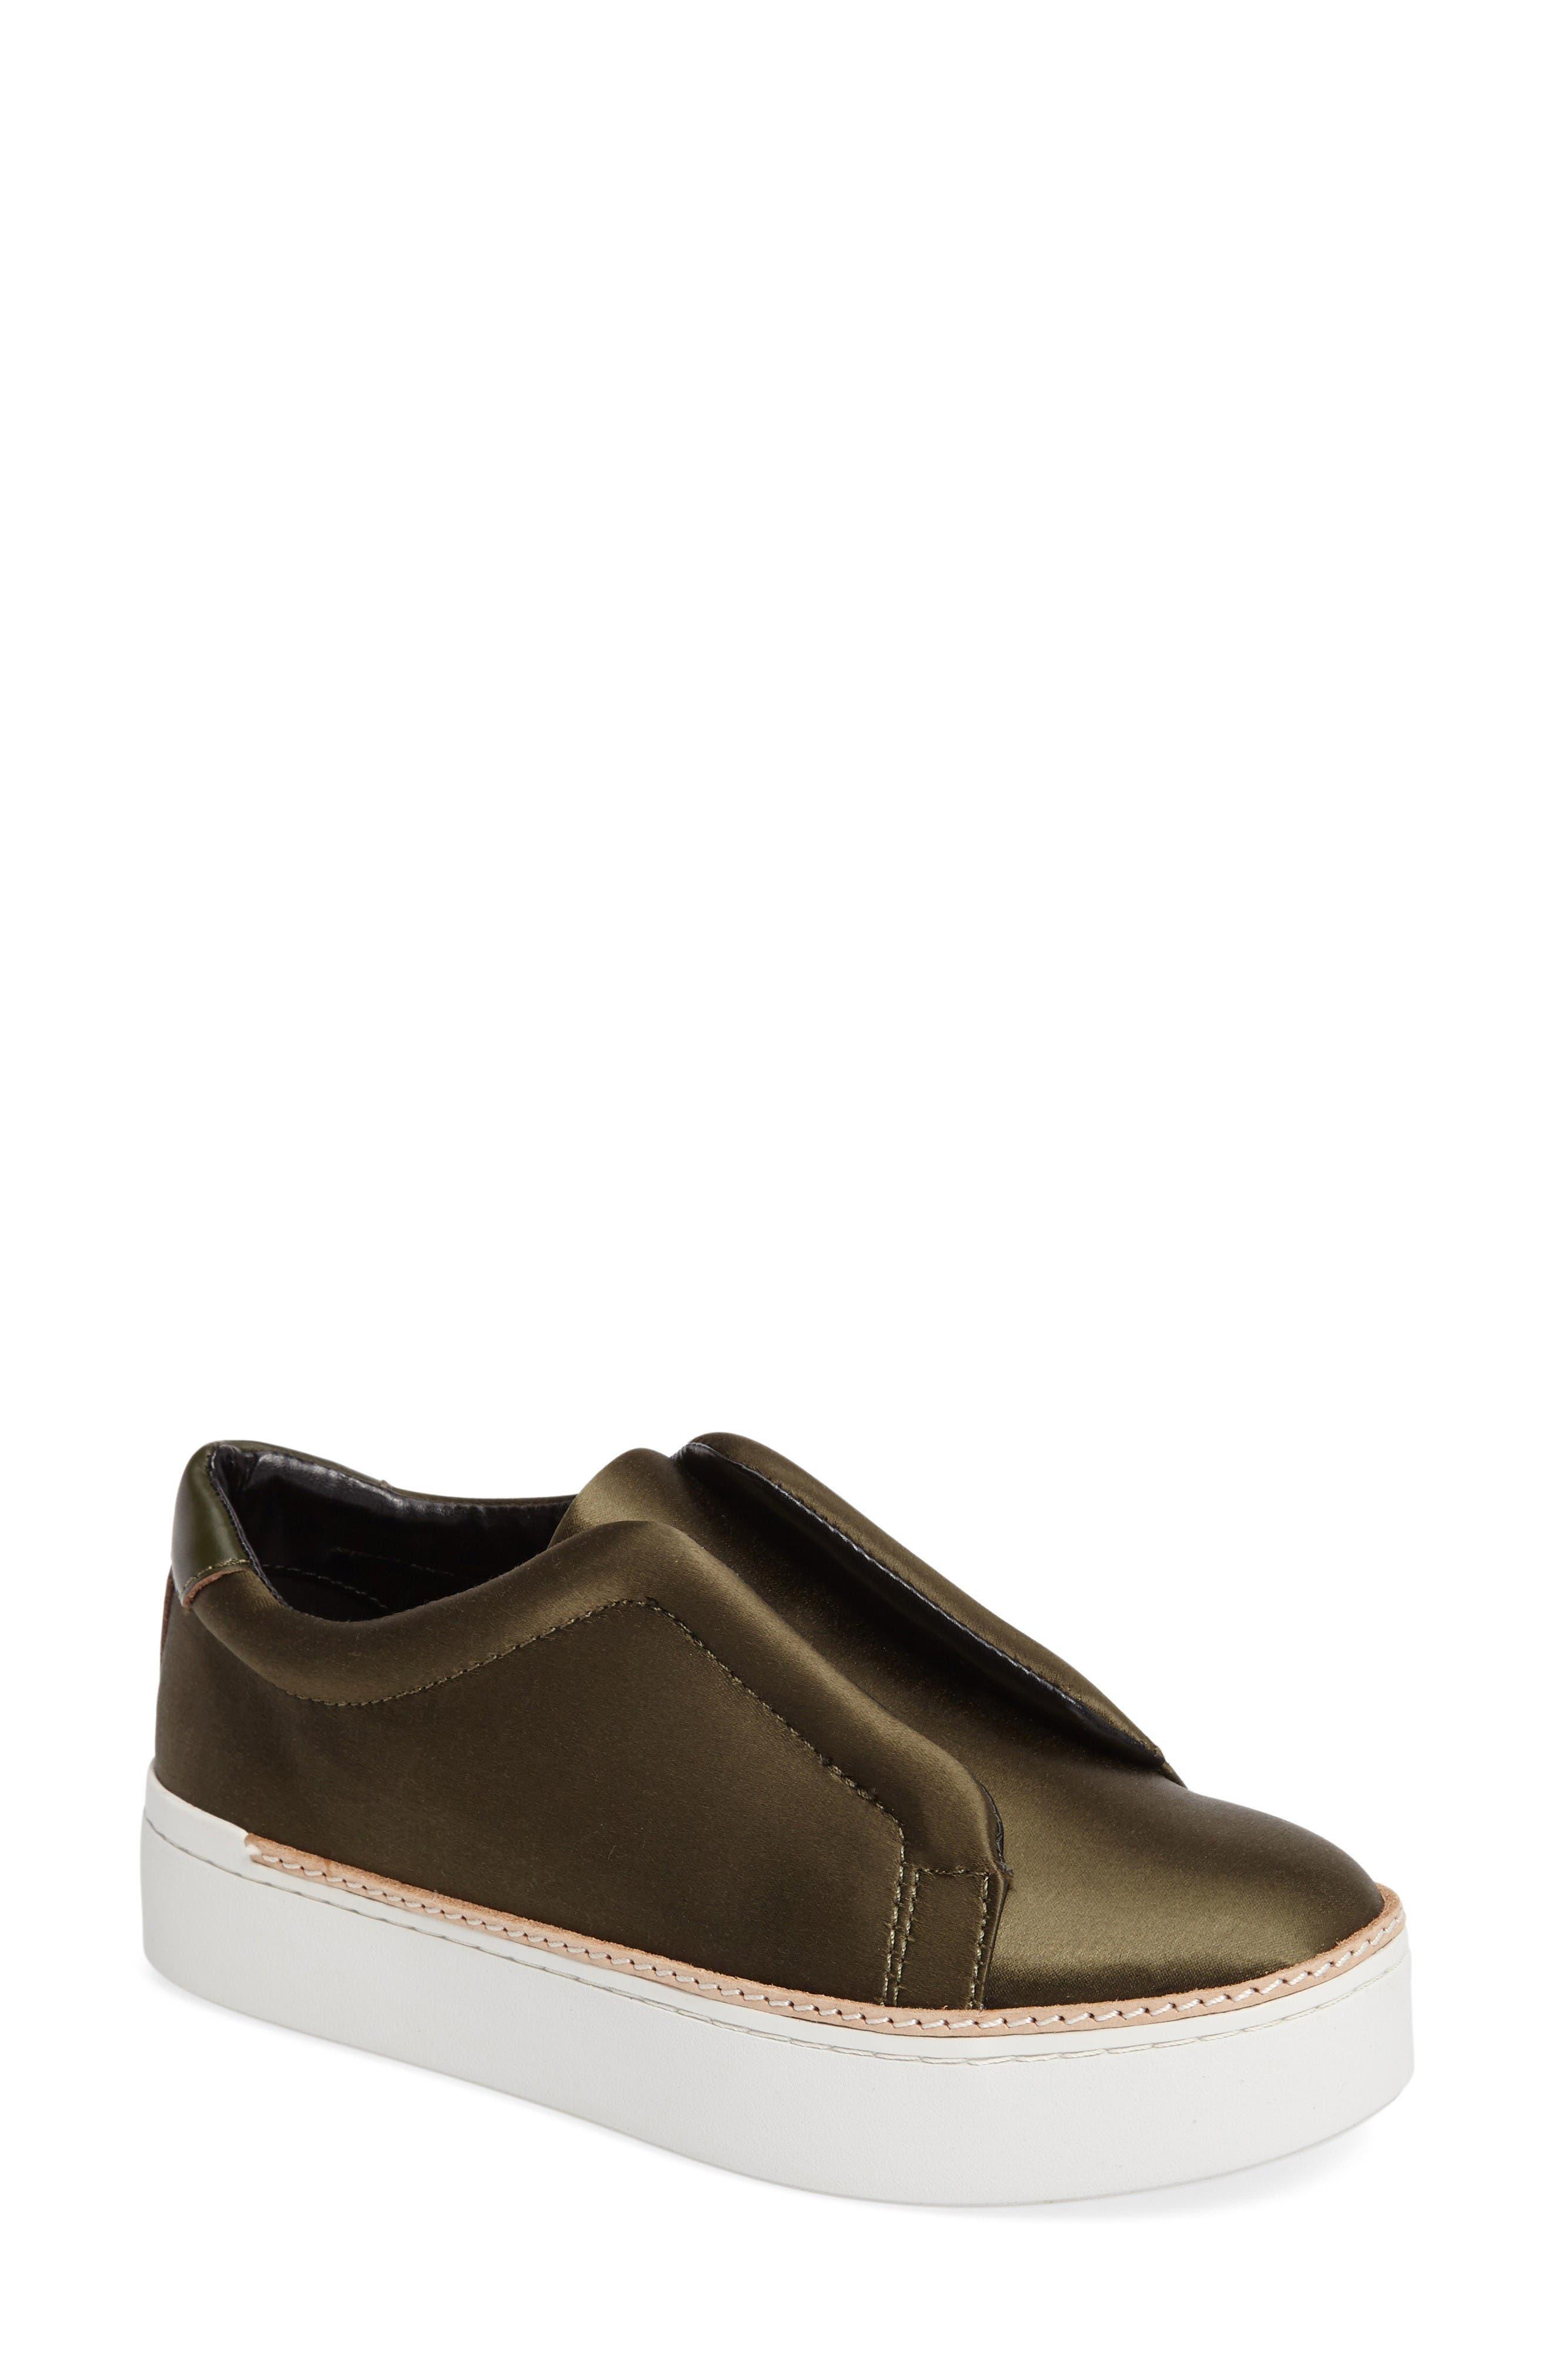 Alternate Image 1 Selected - M4D3 Super Slip-On Sneaker (Women)